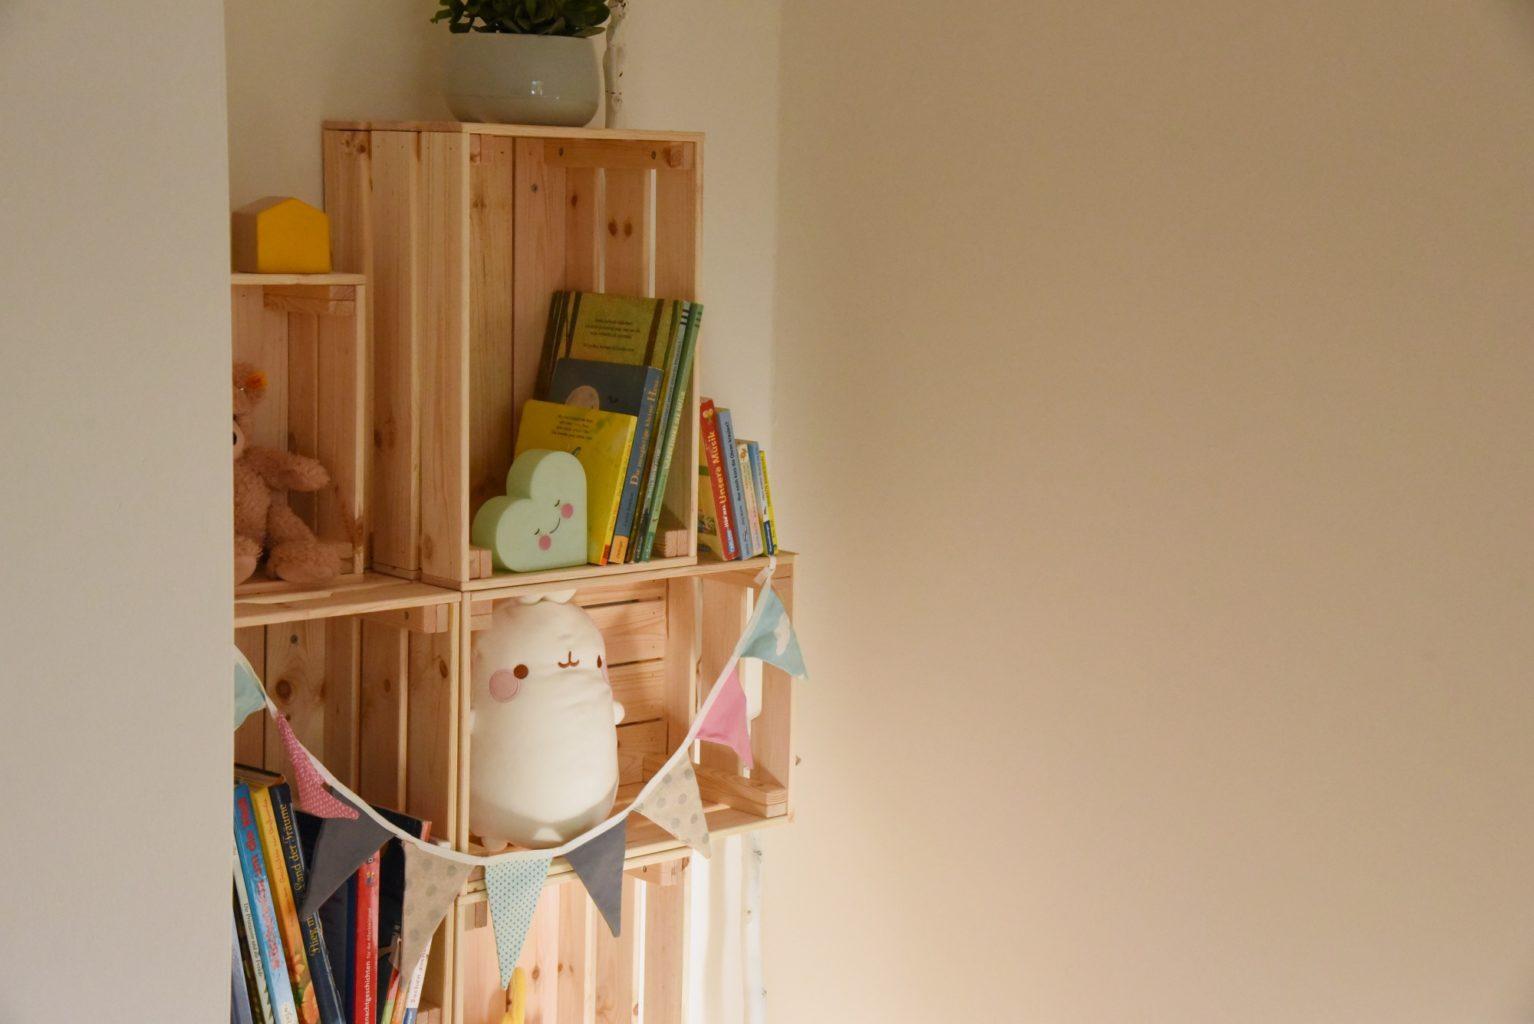 Full Size of Ikea Holzregal Diy Regal Aus Holz Hack Mit Knagligg Betten Bei Küche Sofa Schlaffunktion Kosten Kaufen 160x200 Miniküche Modulküche Badezimmer Wohnzimmer Ikea Holzregal